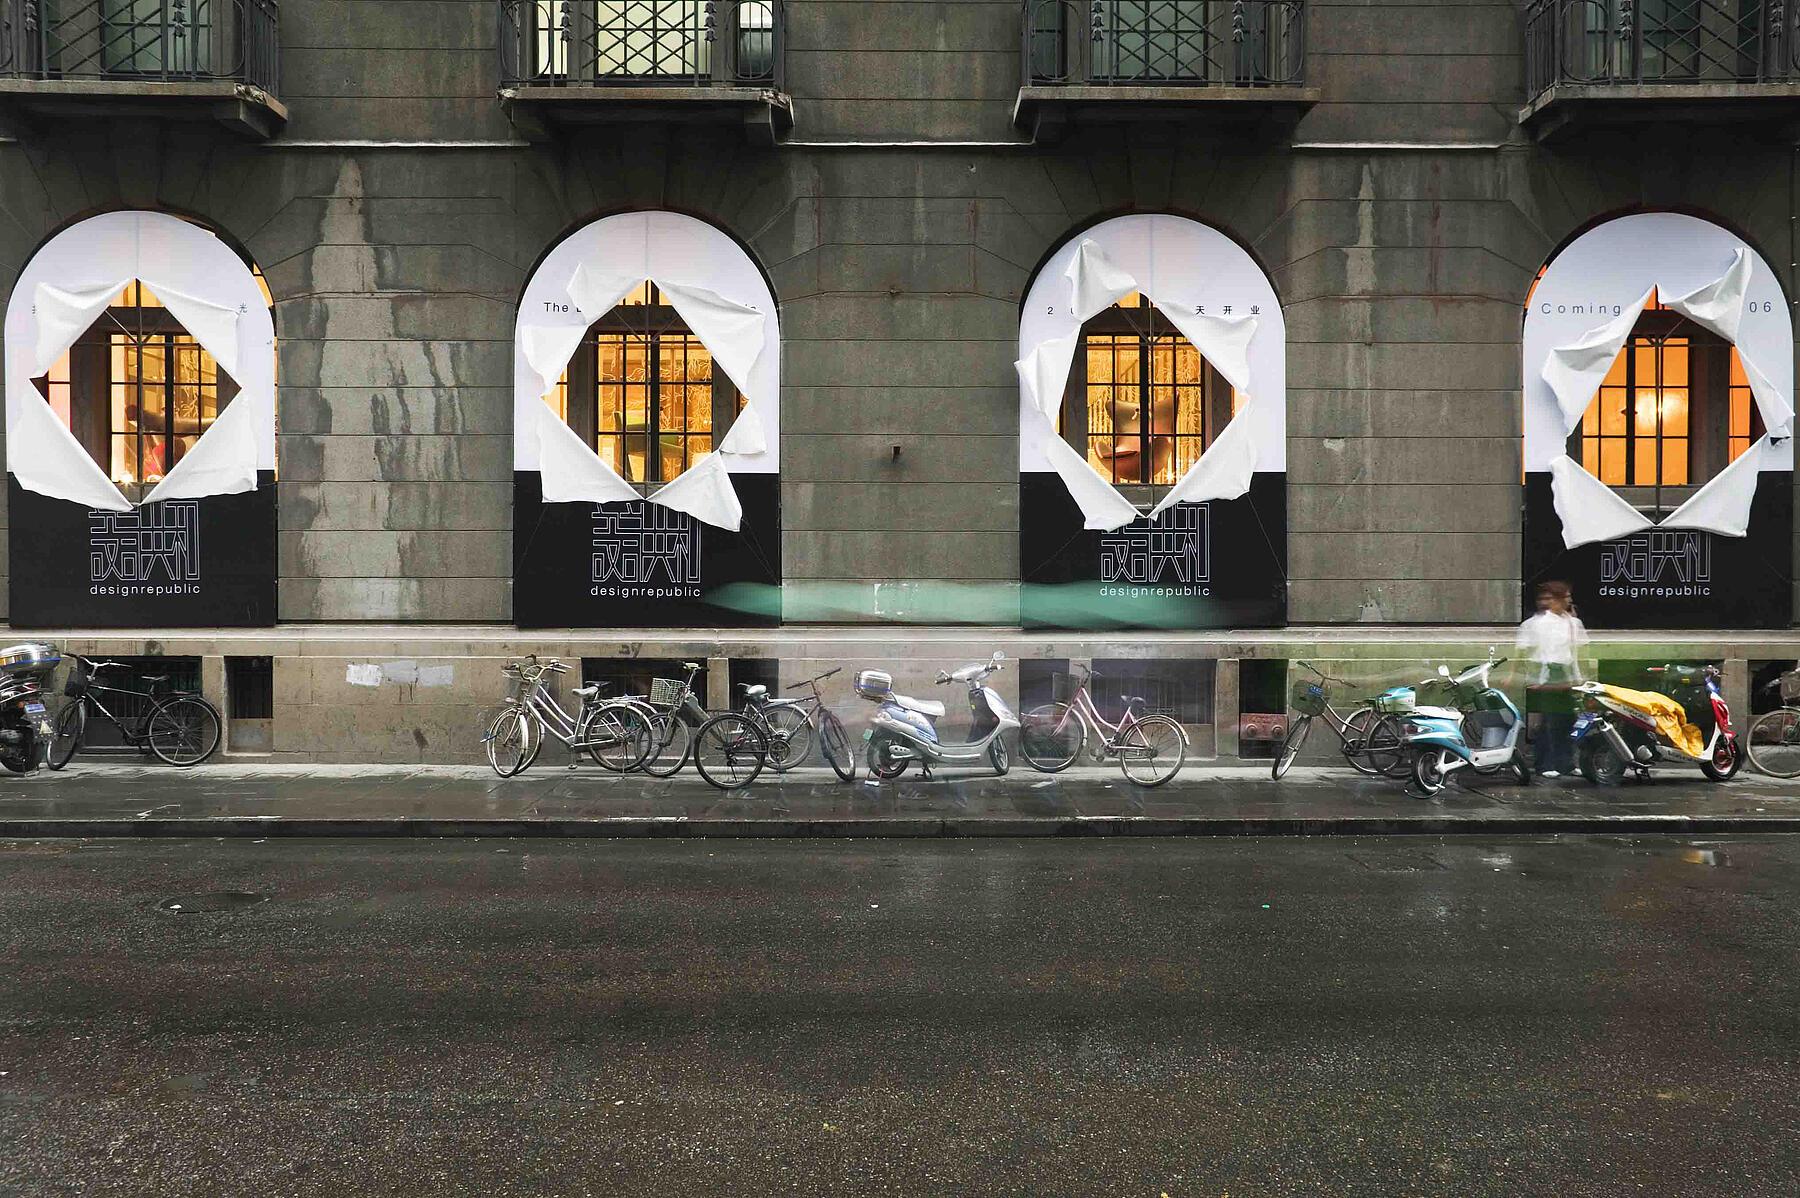 Neri hu design republic design commune graphics for Design republic